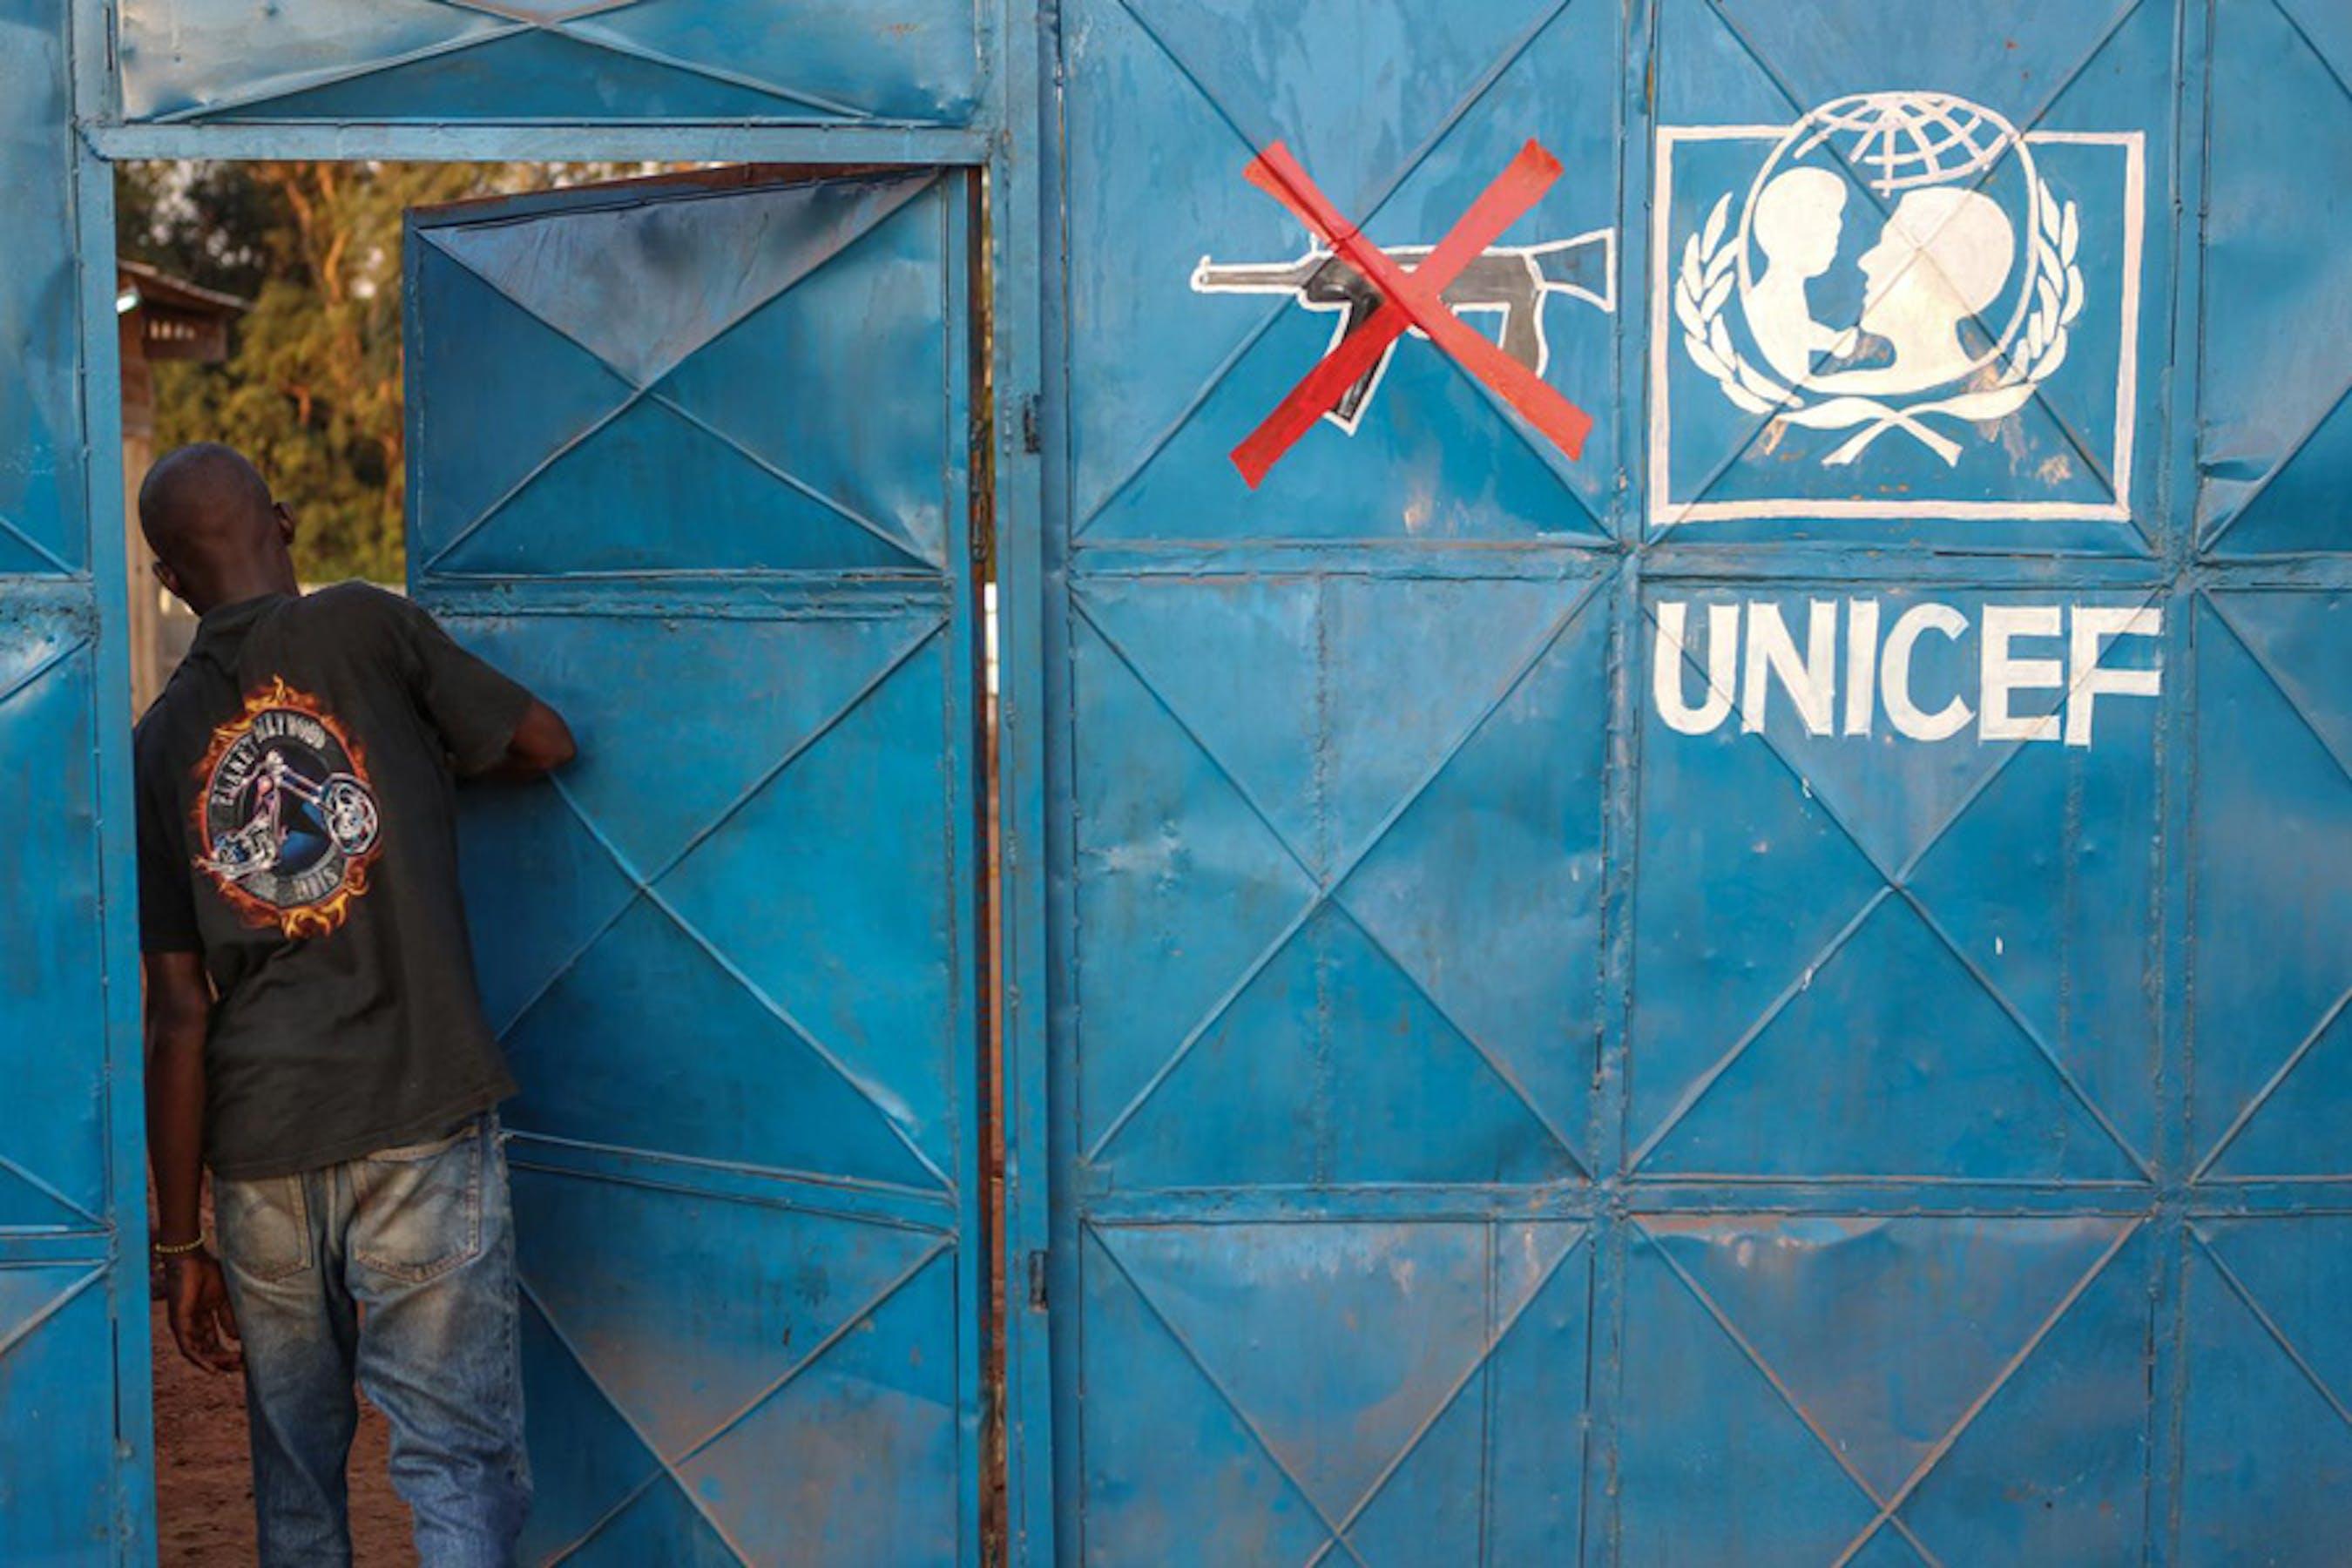 L'ingresso di un centro per il recupero dei minori smobilitati da esercito e milizie a Bria (Repubblica Centrafricana) - ©UNICEF/NYHQ2012-2305/Jordi Matas